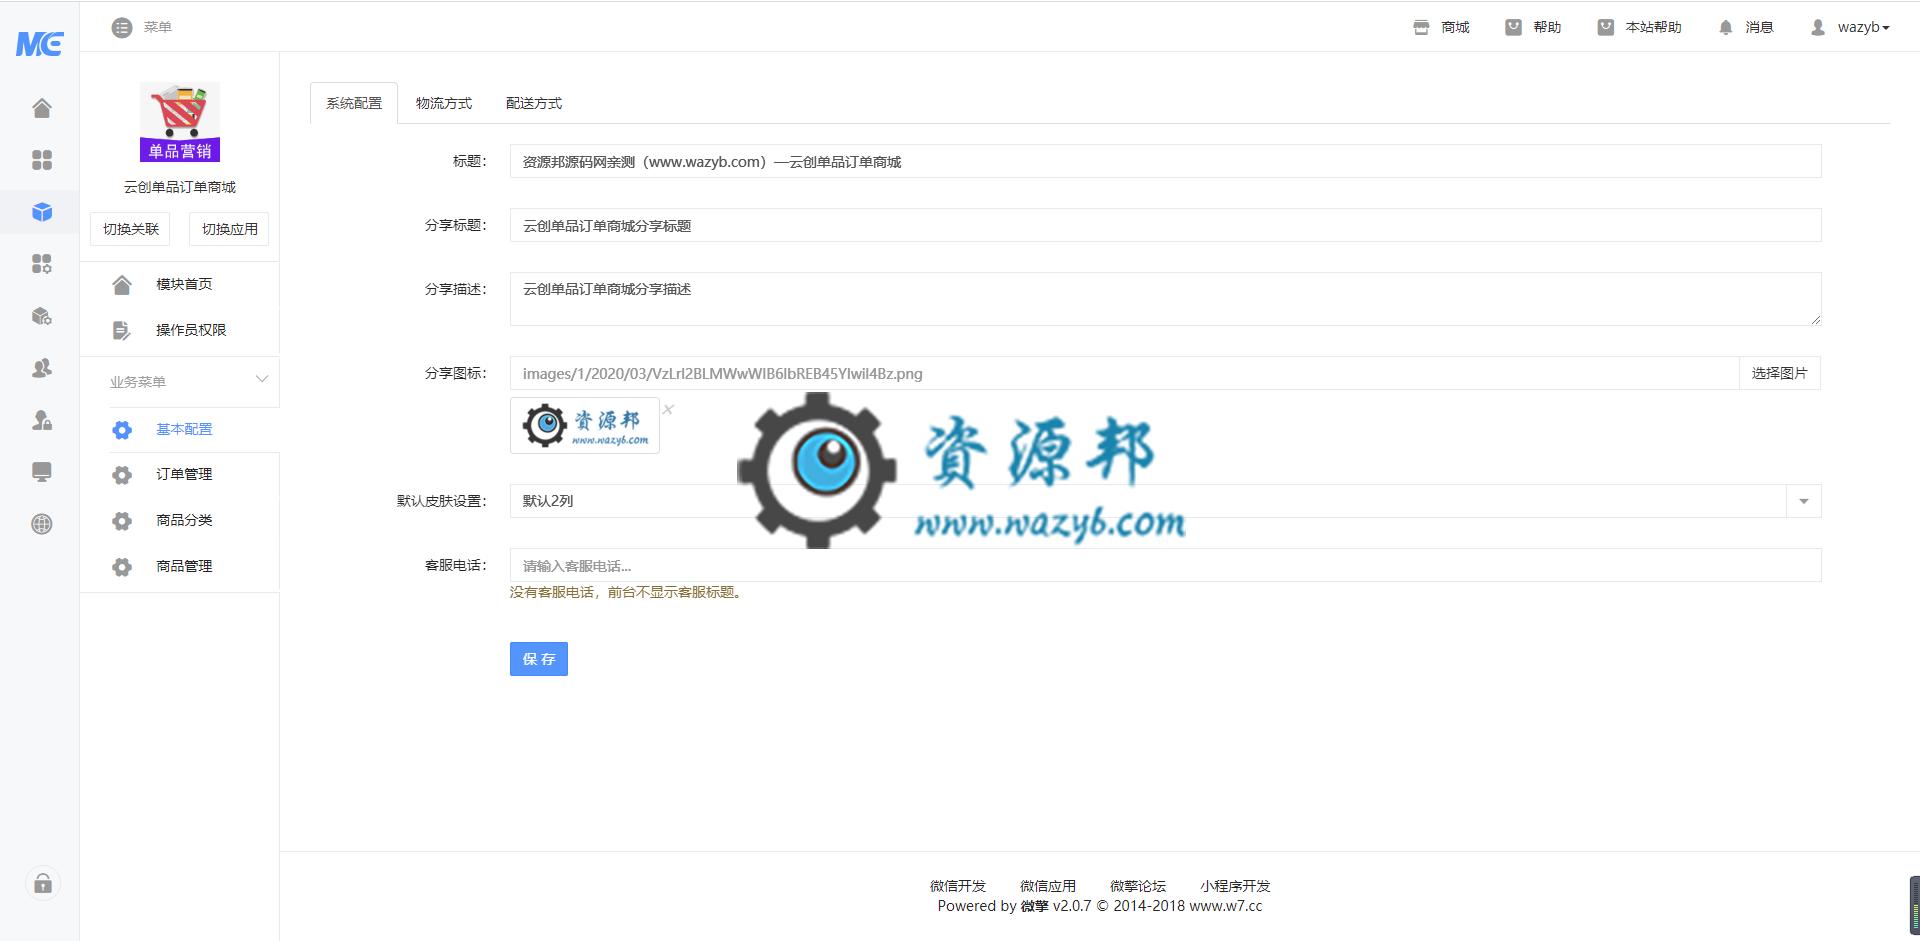 【公众号应用】云创单品订单商城V1.0.16完整源码包,修正商品内容视频字段默认值 公众号应用 第2张